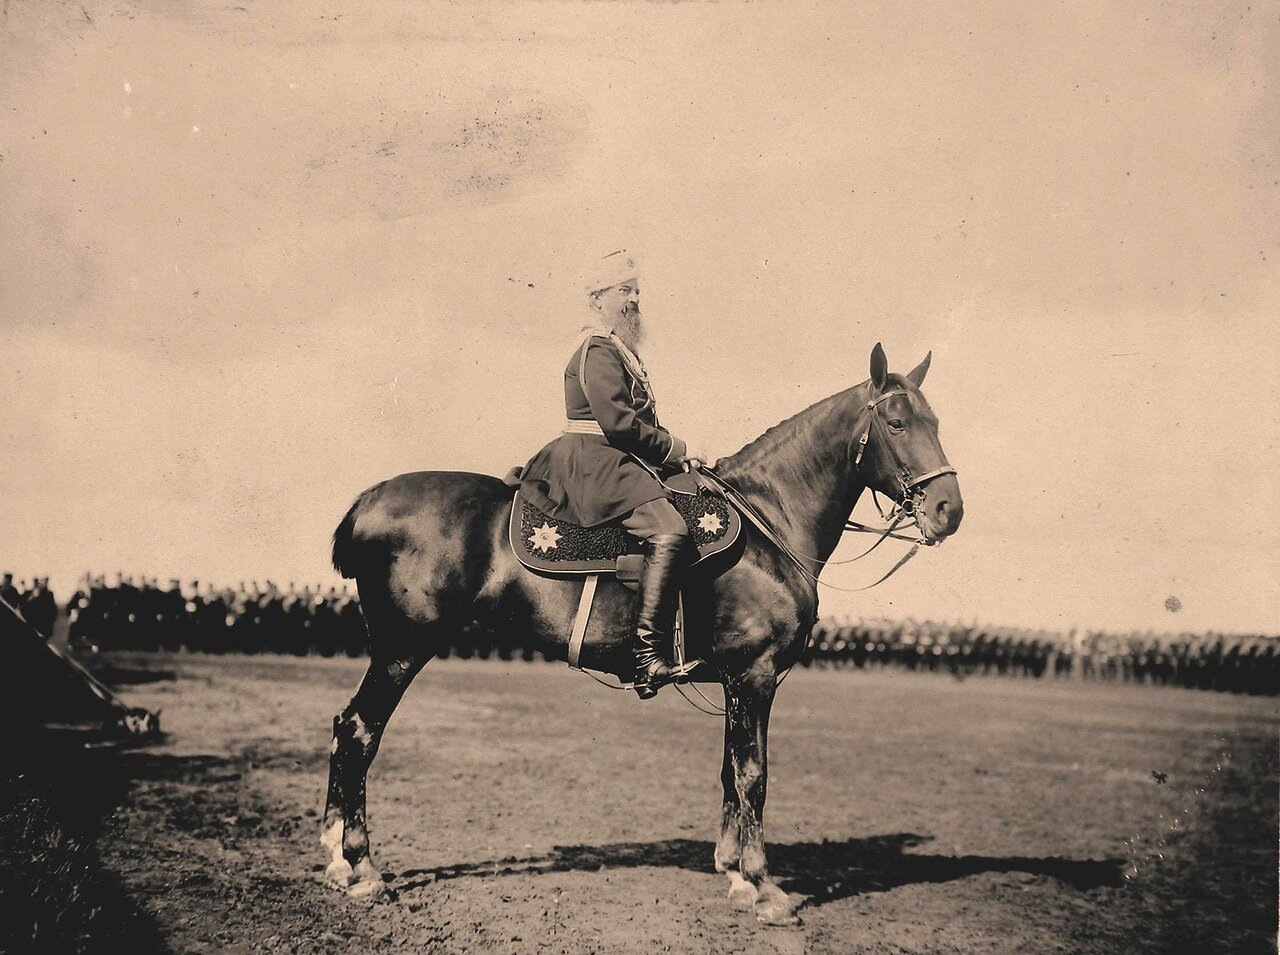 Великий князь Михаил Николаевич на Ходынском поле перед началом парада в дни празднования коронационных торжествg